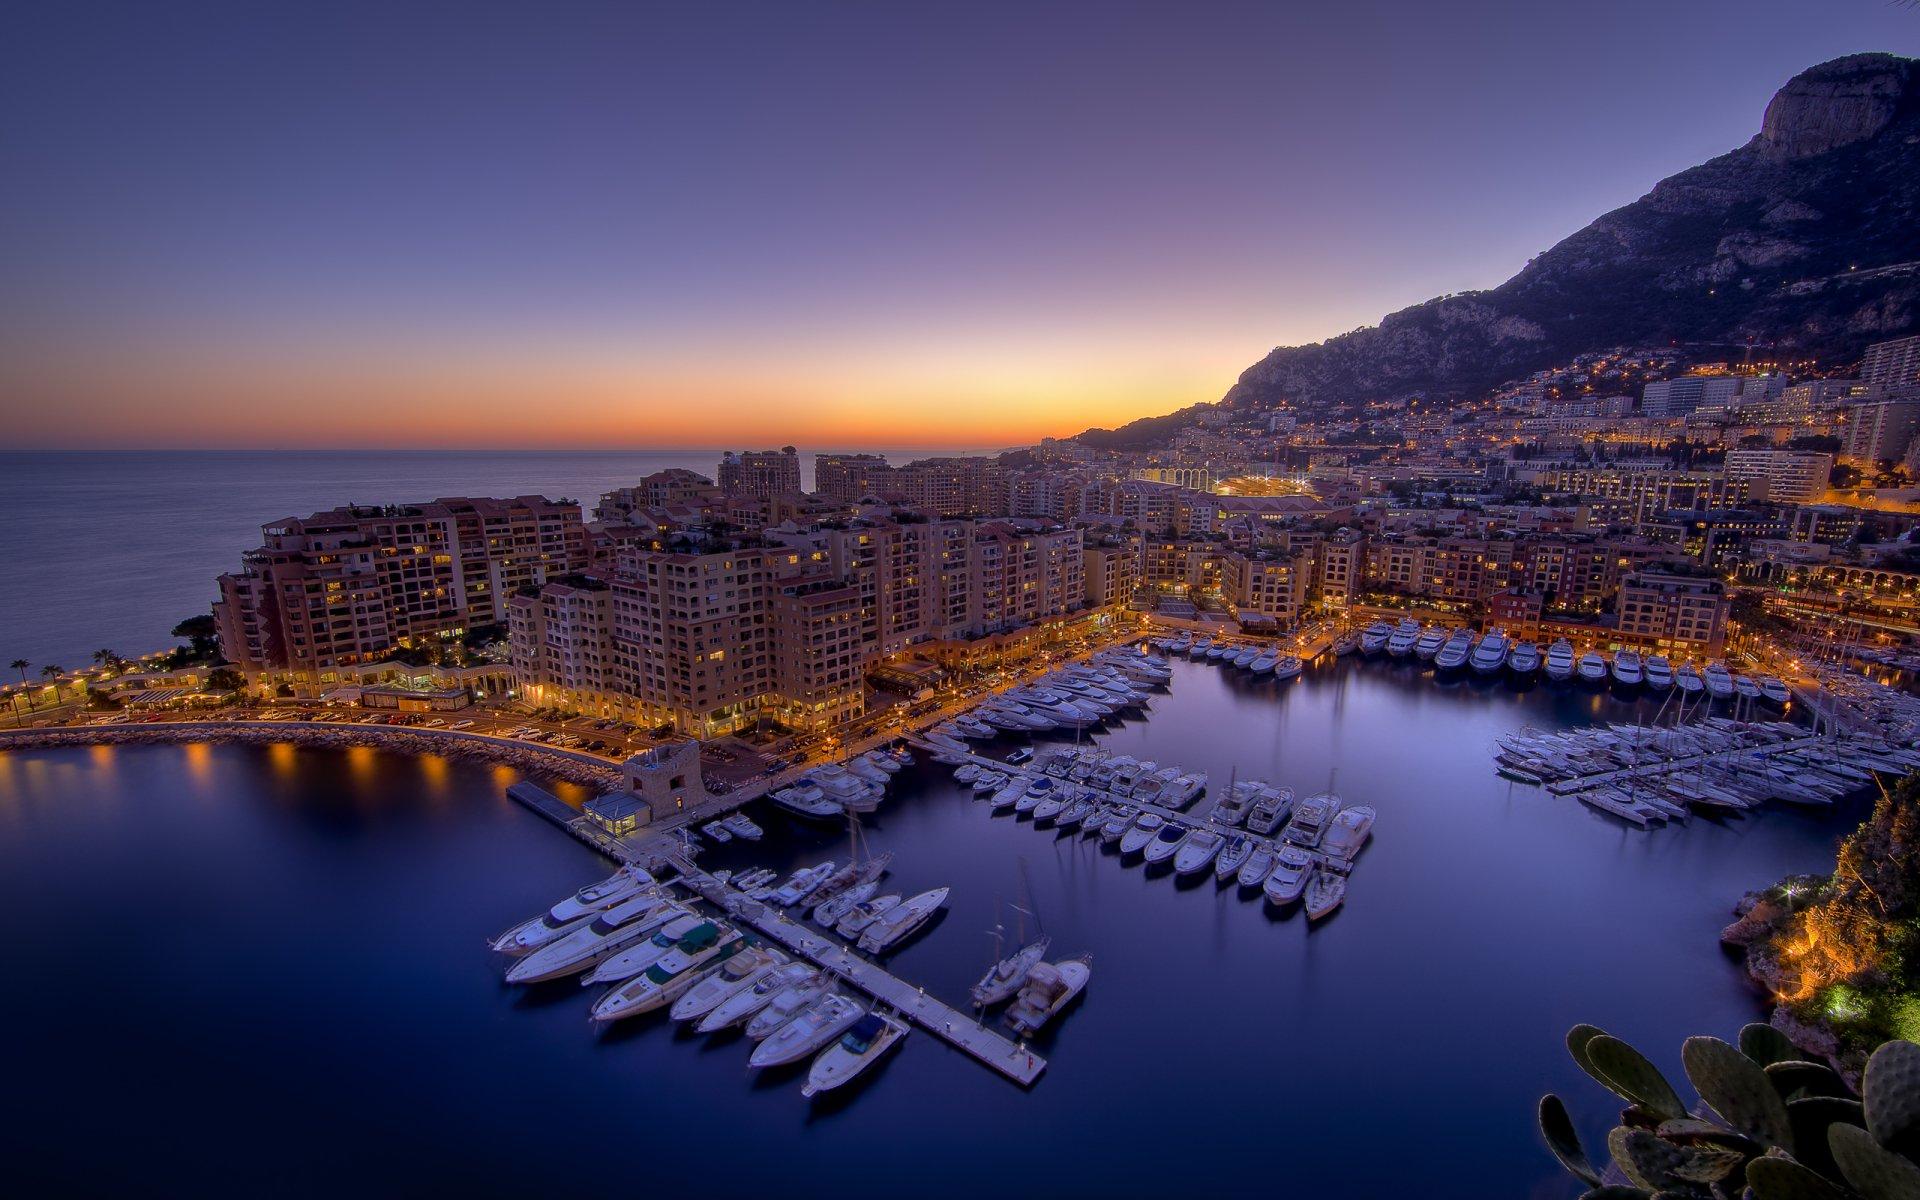 Man Made - Monaco  City Bay Dusk Marina Light Twilight Water Boat Wallpaper